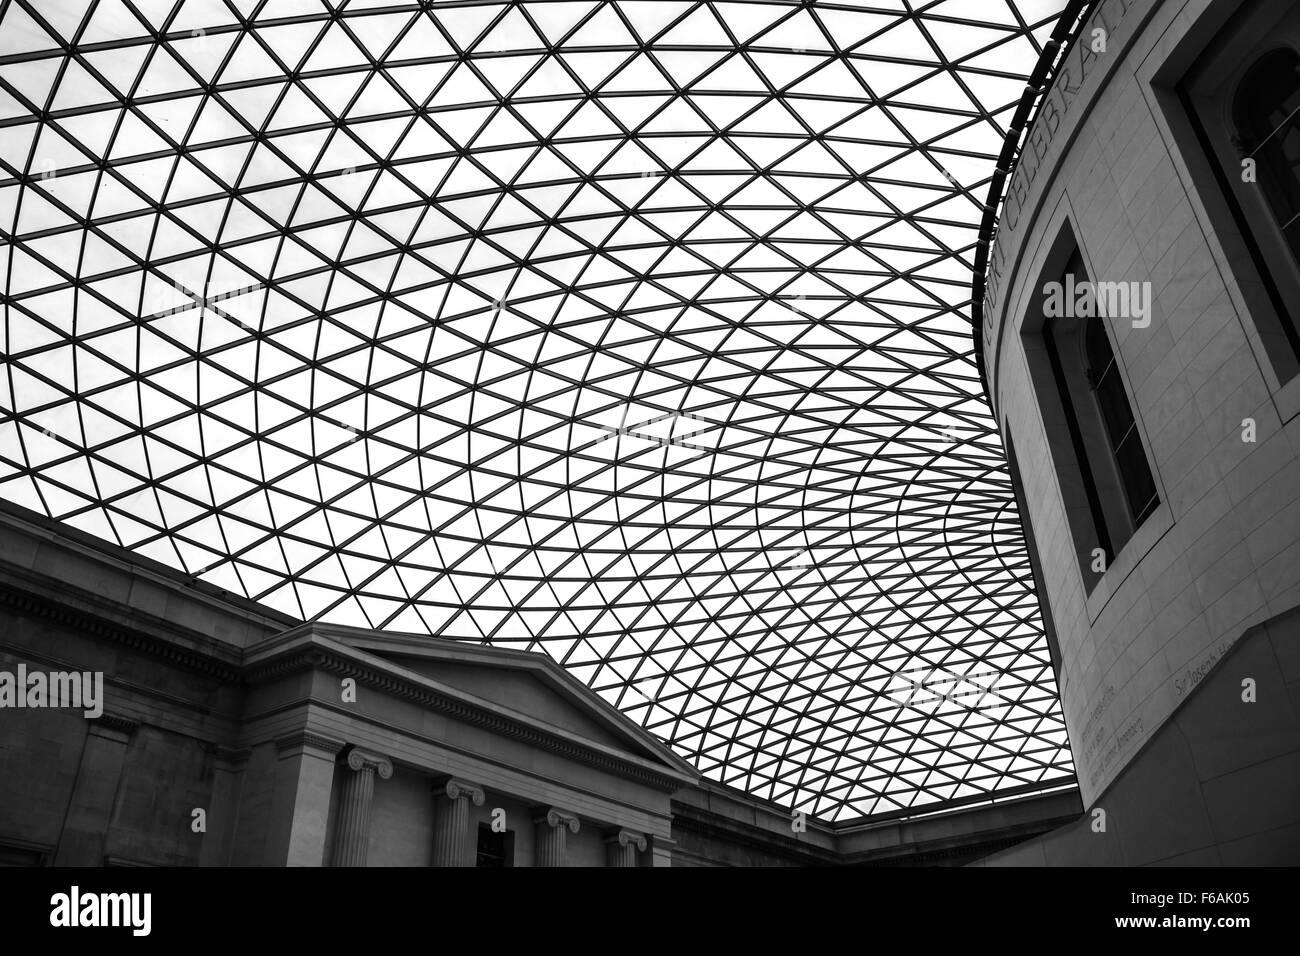 Museo británico Imagen De Stock